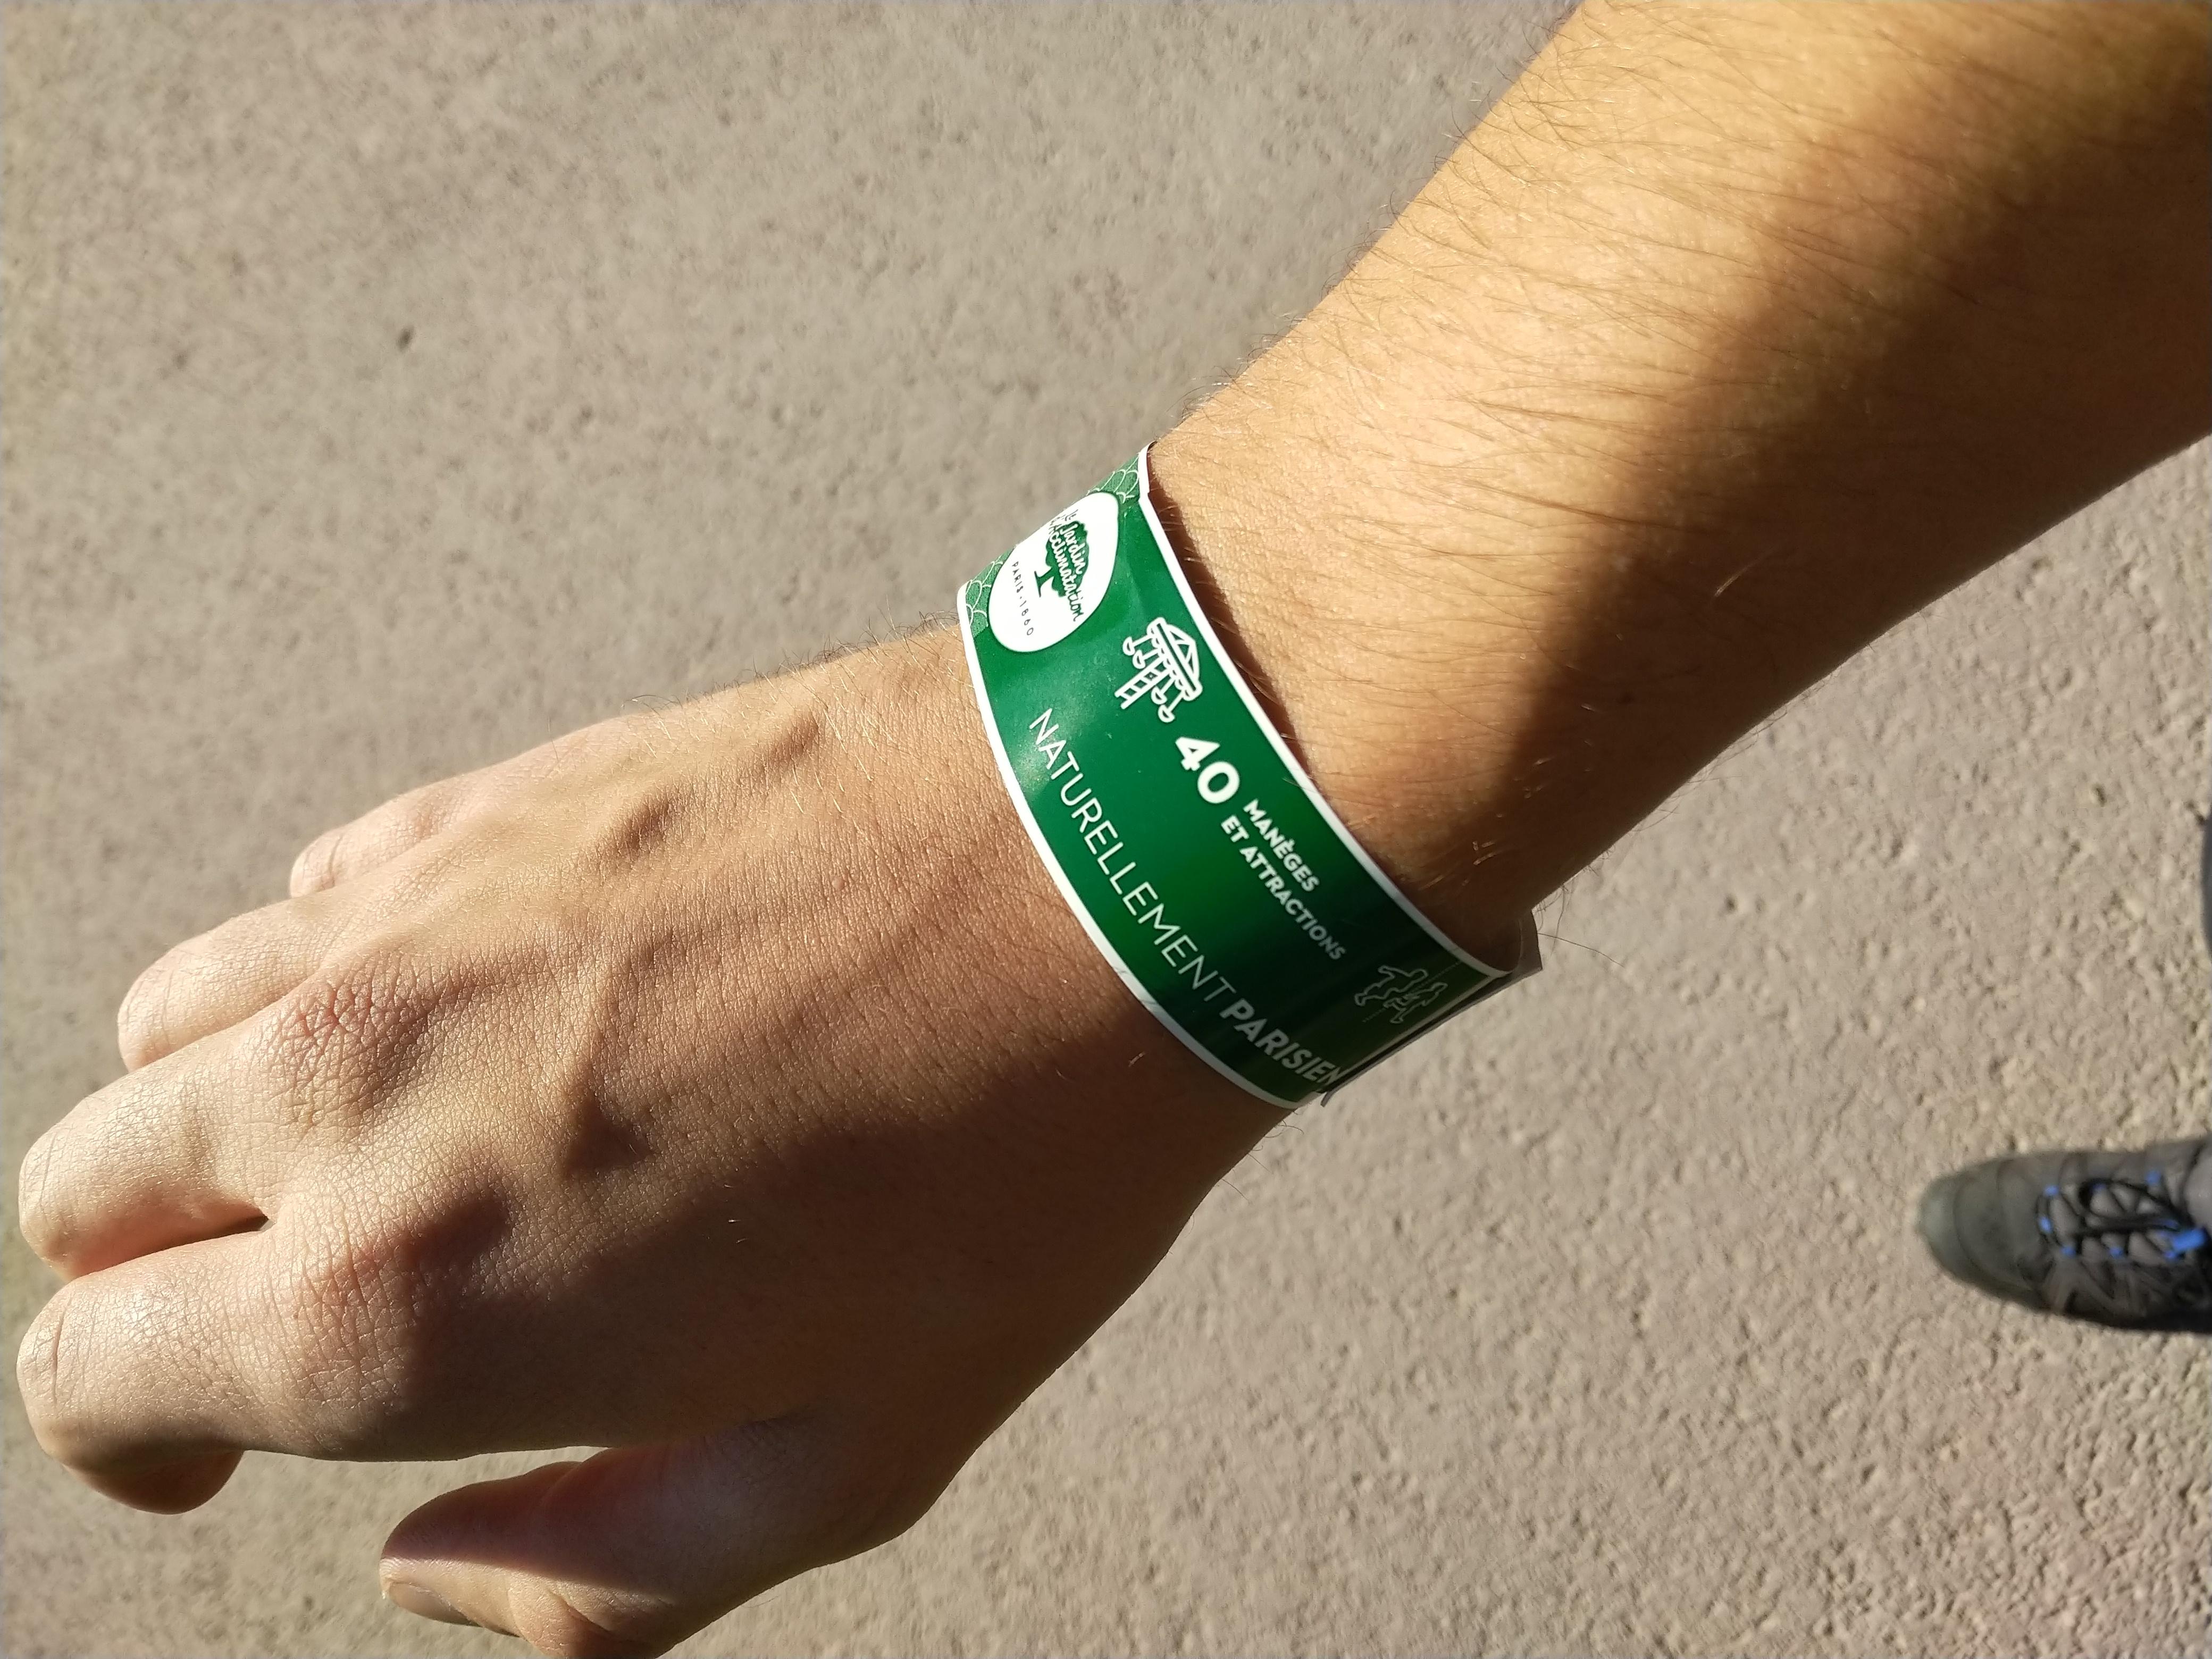 Jardin d'acclimatation Handgelenkbändchen: Eigentlich nur ein grünes einwegband mit einem QR-Code.